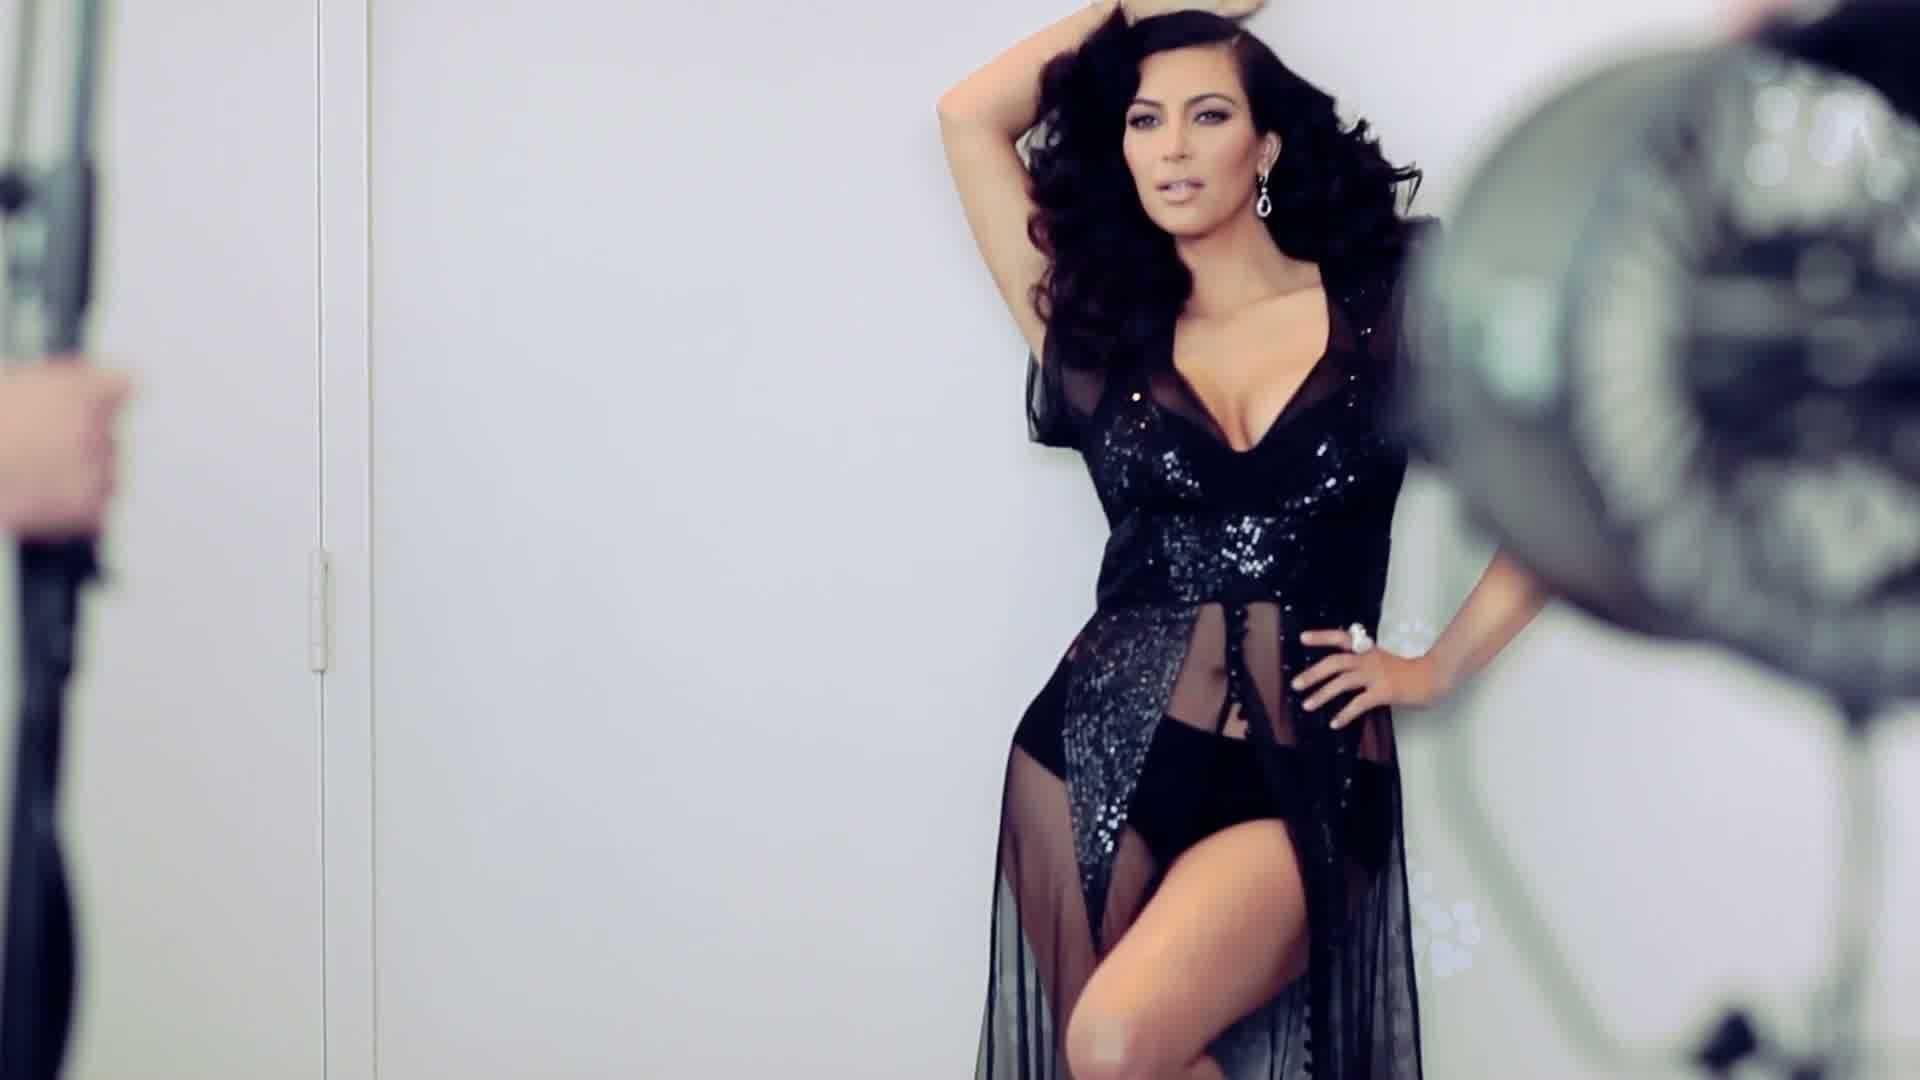 kim-kardashian-hd-pack-Tiger-London-1920x1080-wallpaper-wp3407802